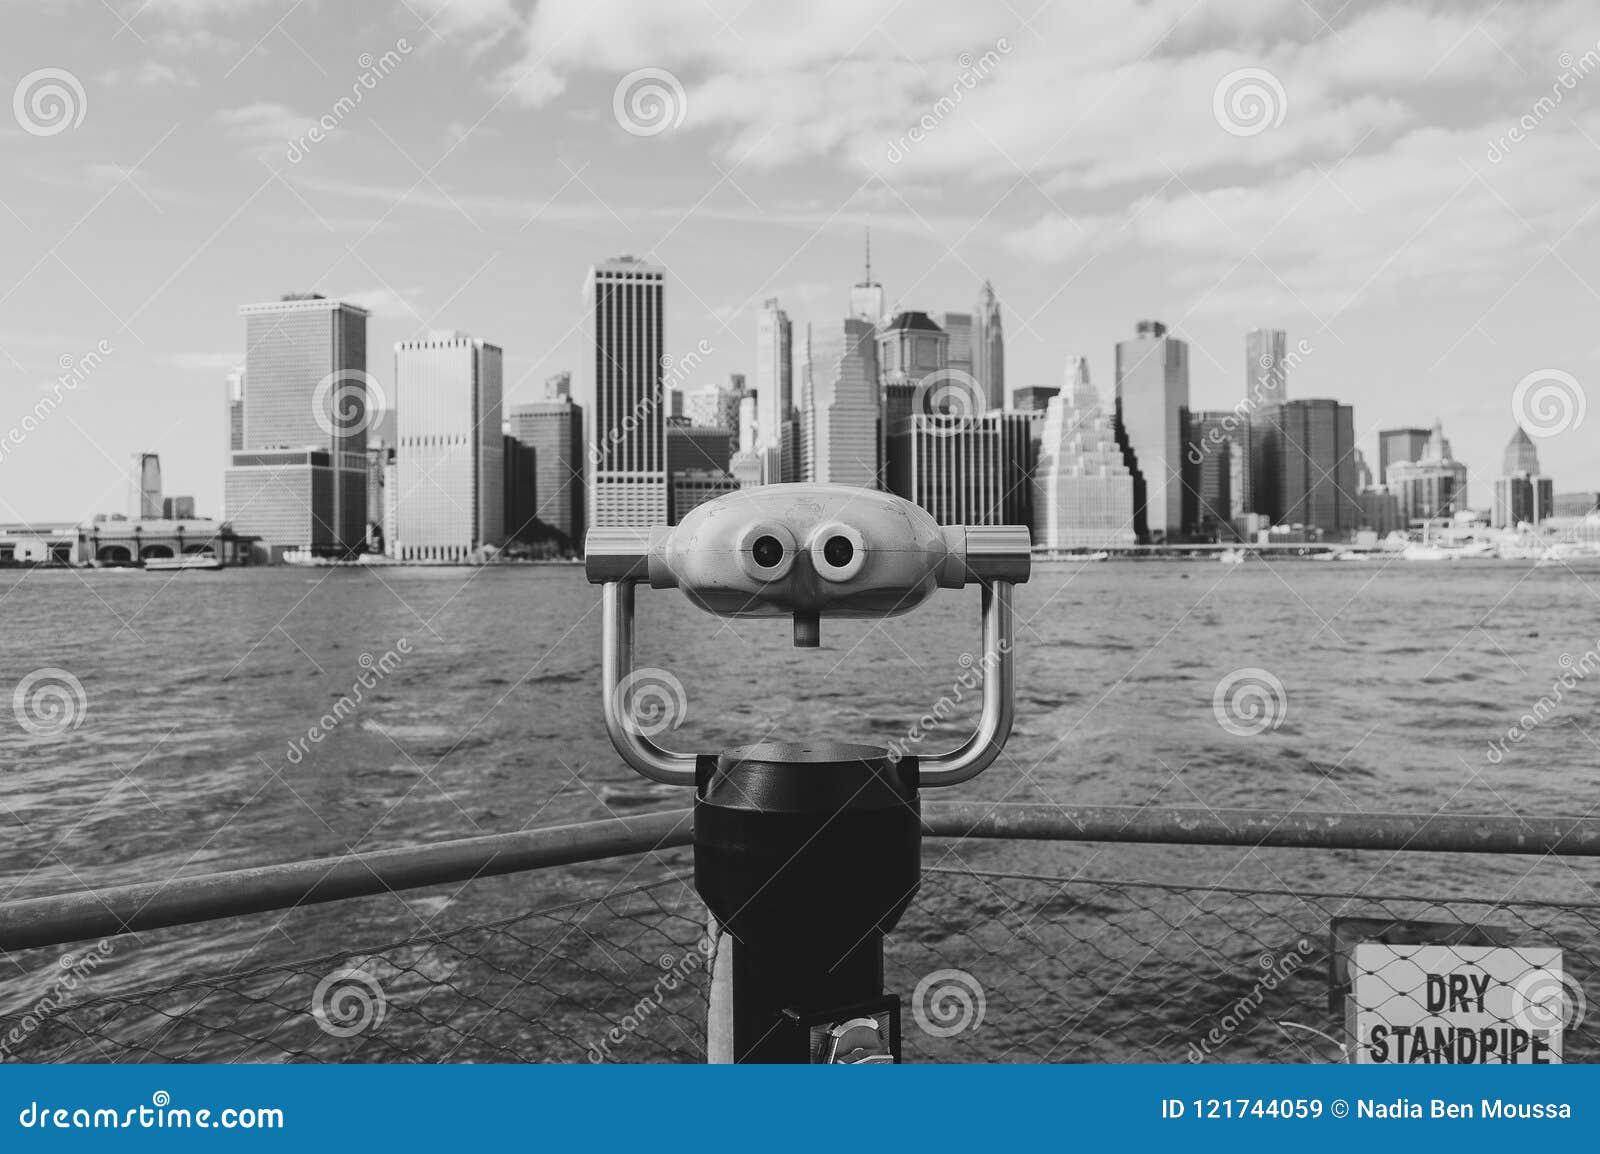 Νέα Υόρκη, ΗΠΑ, το Σεπτέμβριο του 2016: Γραπτή άποψη οριζόντων του Μανχάταν από τις αποβάθρες του Μπρούκλιν